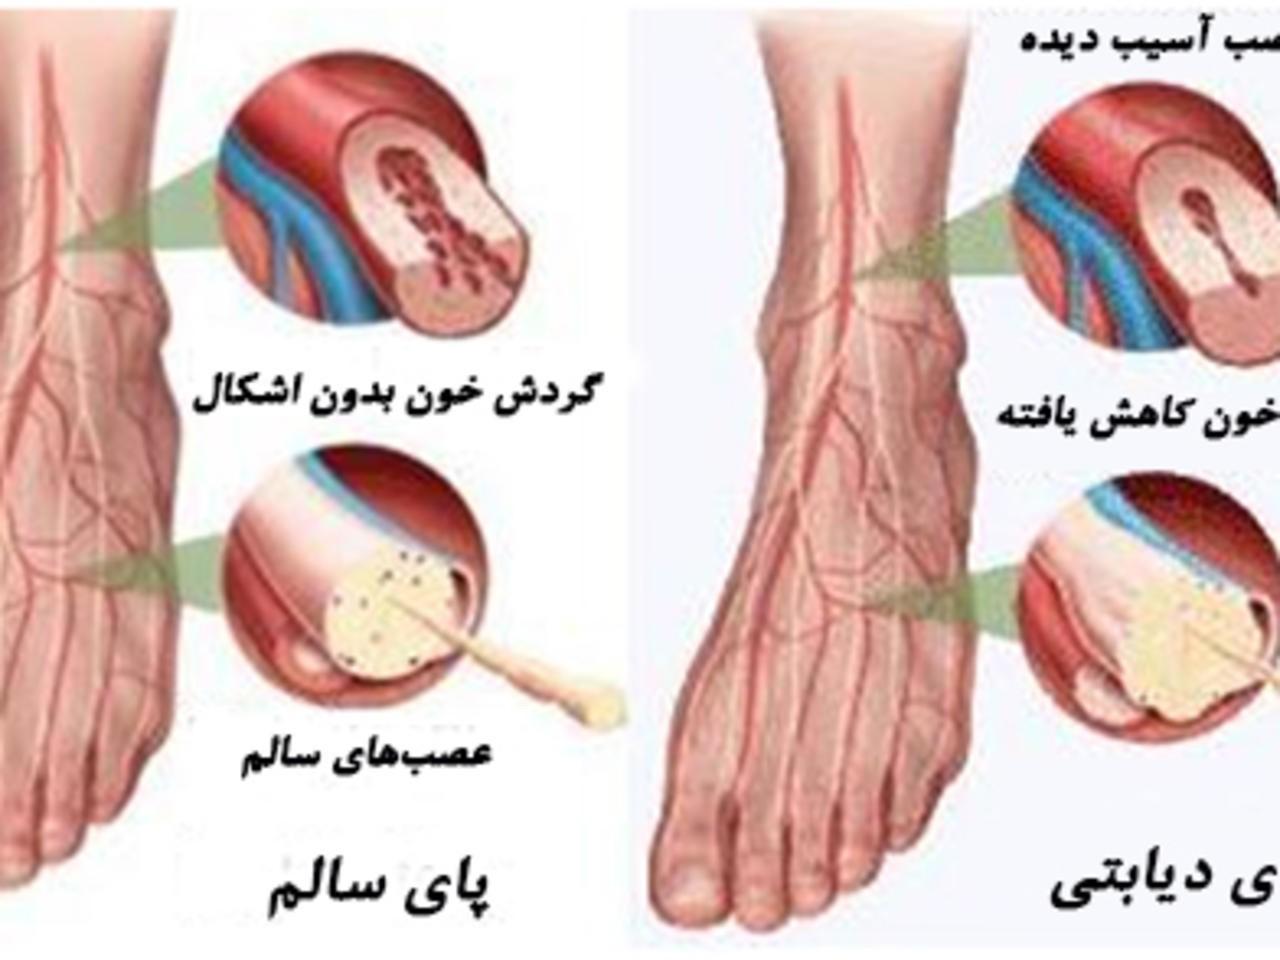 این عارضه ها و زخم ها جزء مشکل های جانبی در بیماری مرض قند می باشند